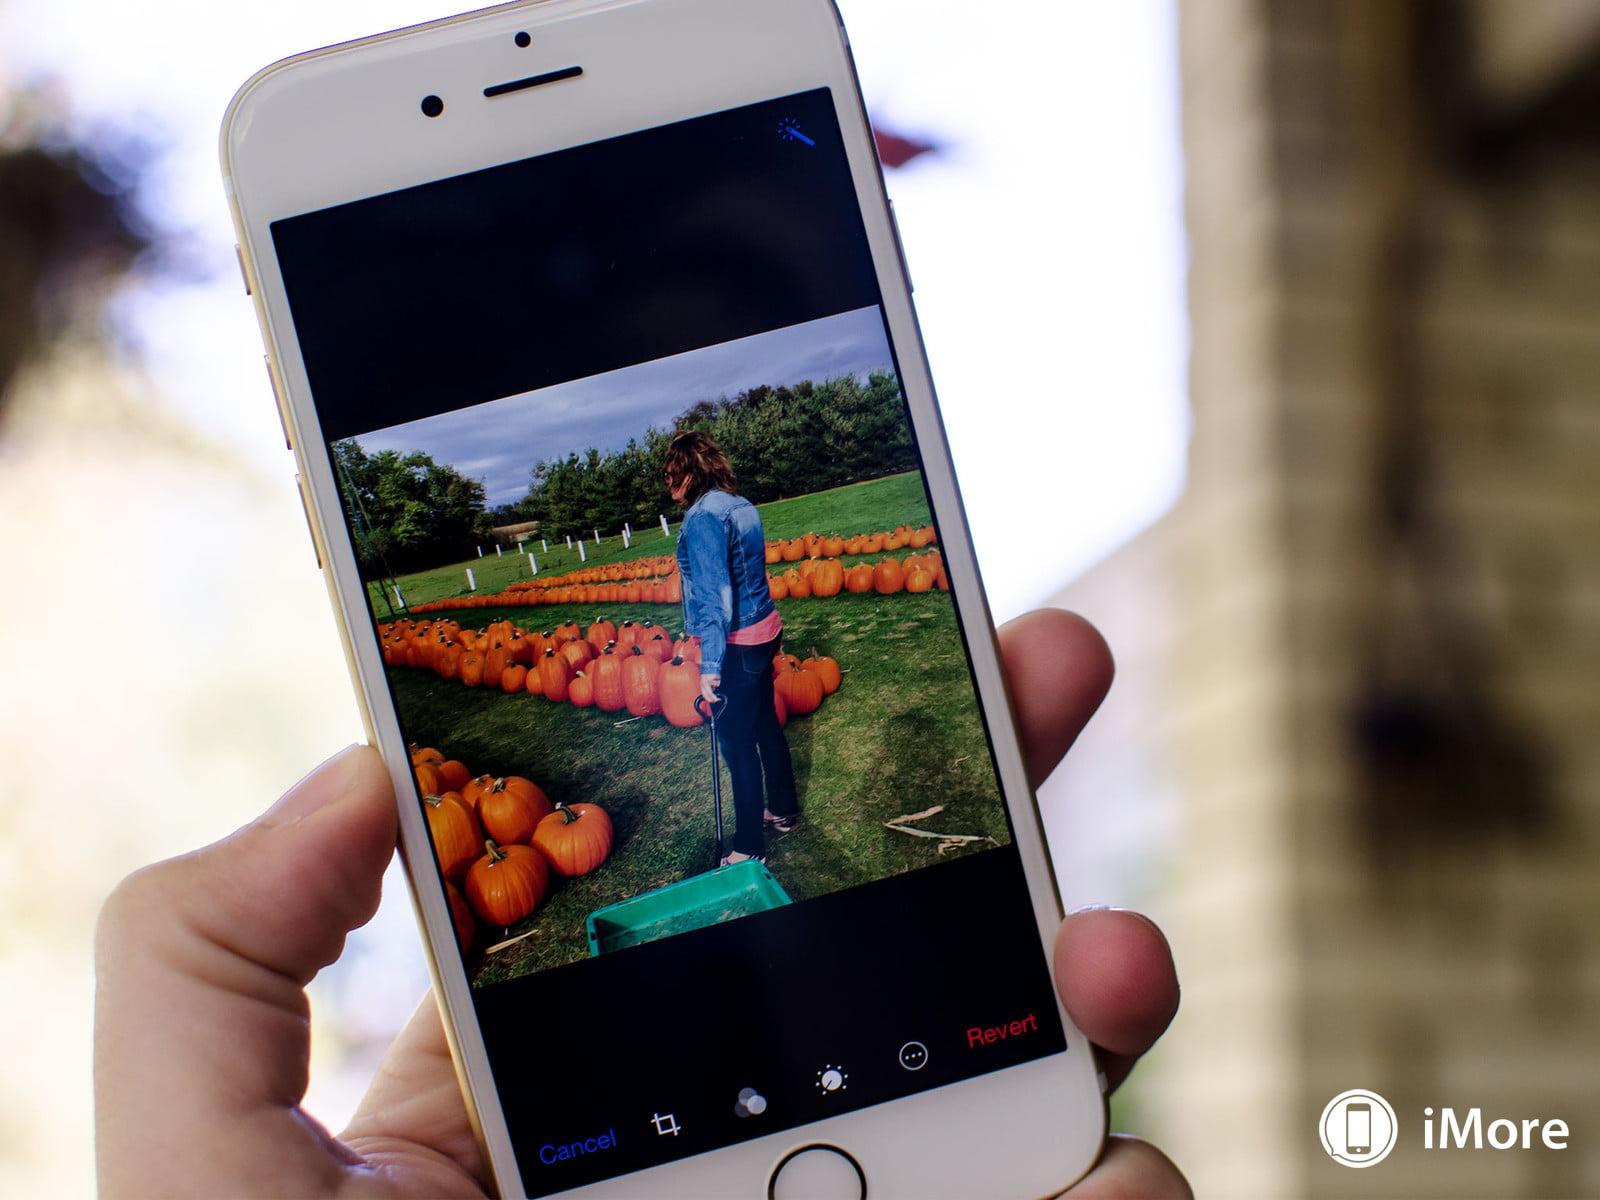 افزایش کیفیت تصاویر با استفاده از قابلیت Auto-Enhance در IOS 8